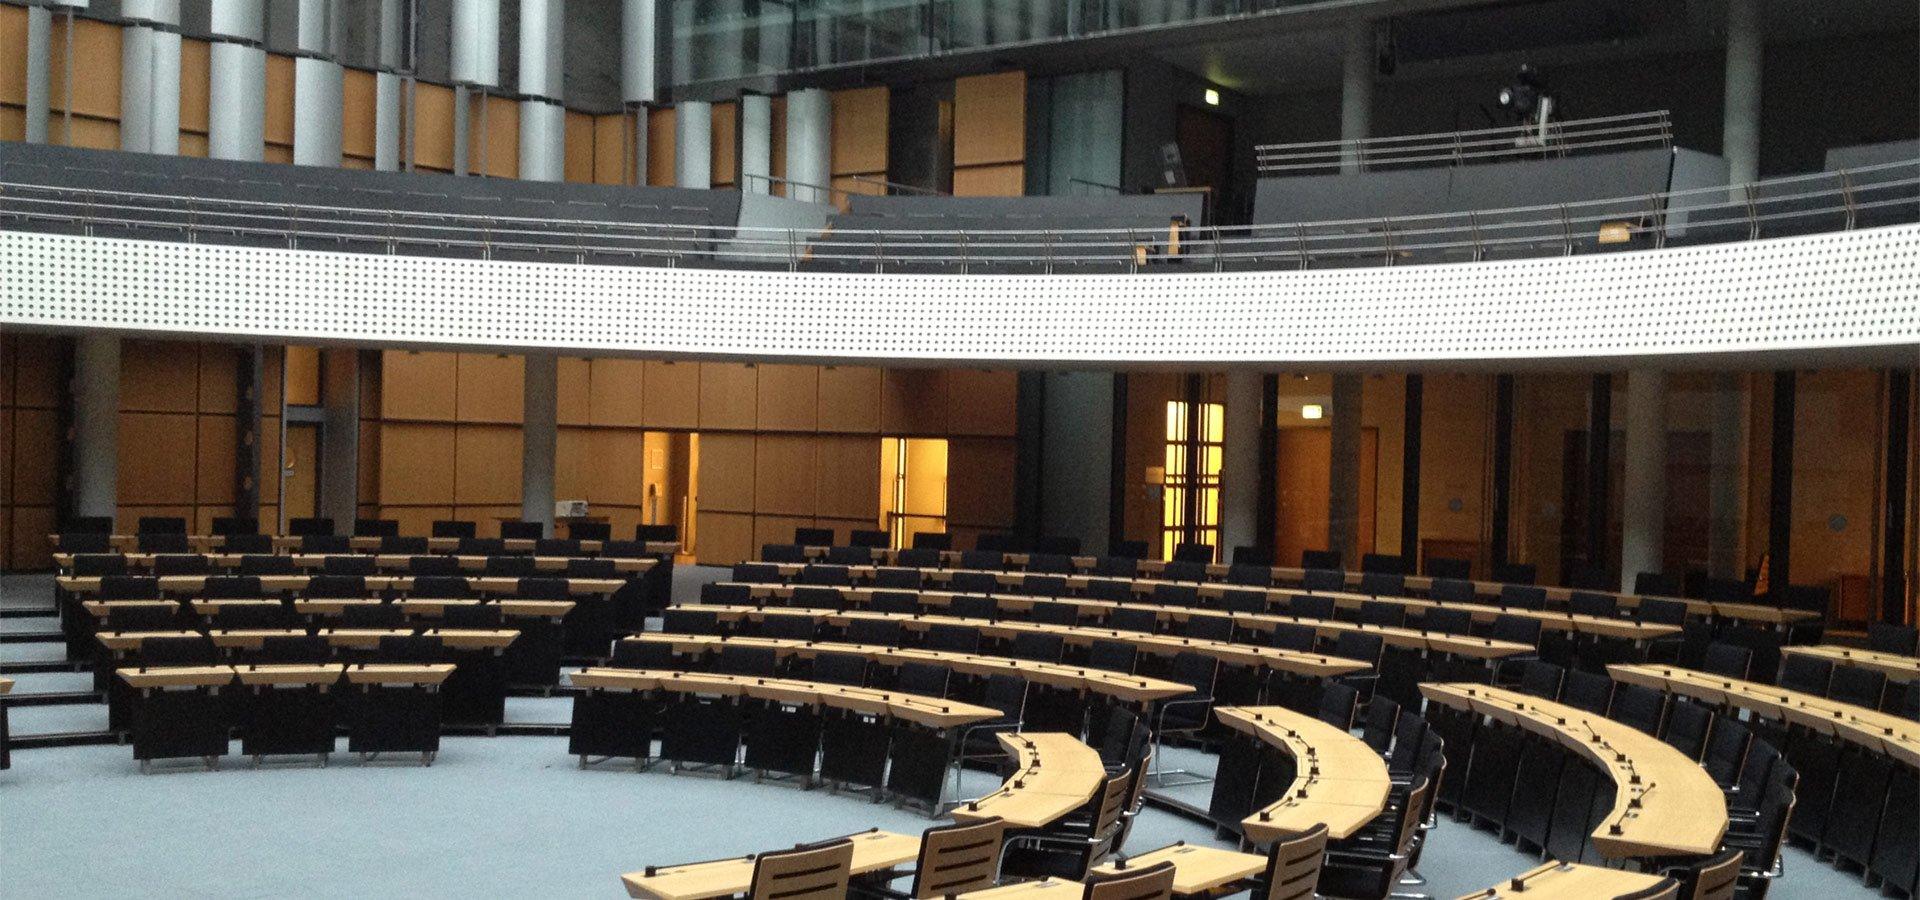 Konferenztechnik im Abgeordnetenhaus